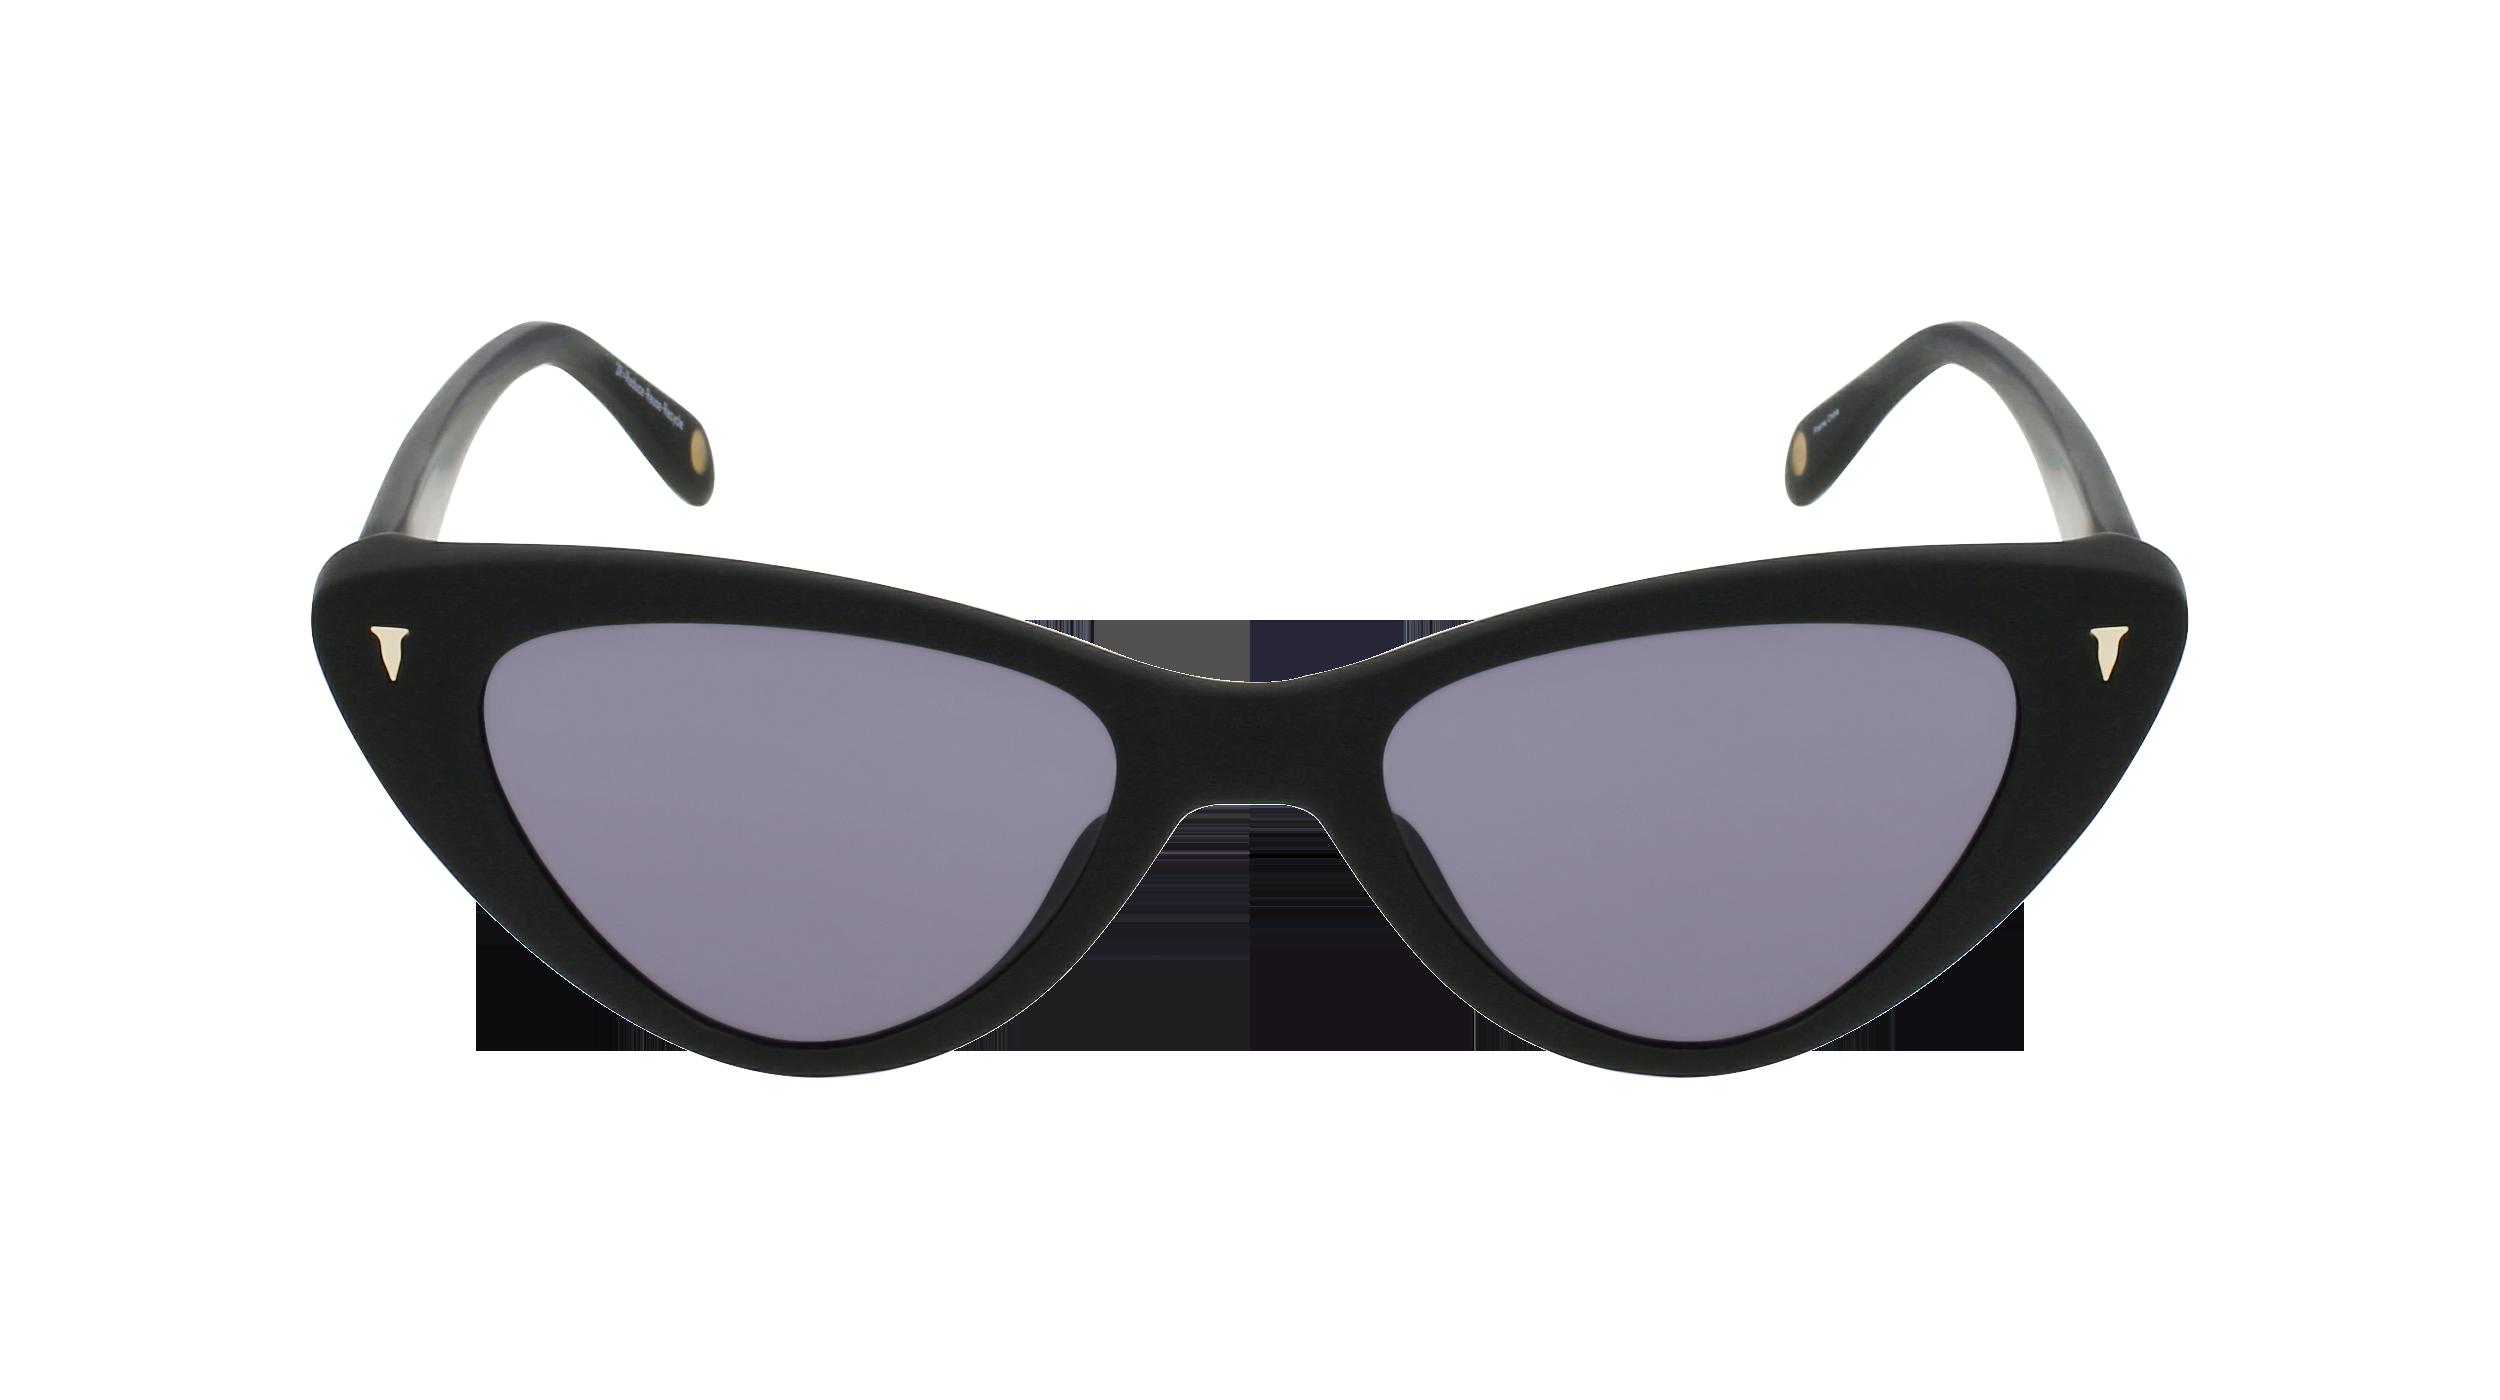 Imagem da notícia: Collezione 2: Mita Eyewear lança mais uma coleção que combina moda e sustentabilidade